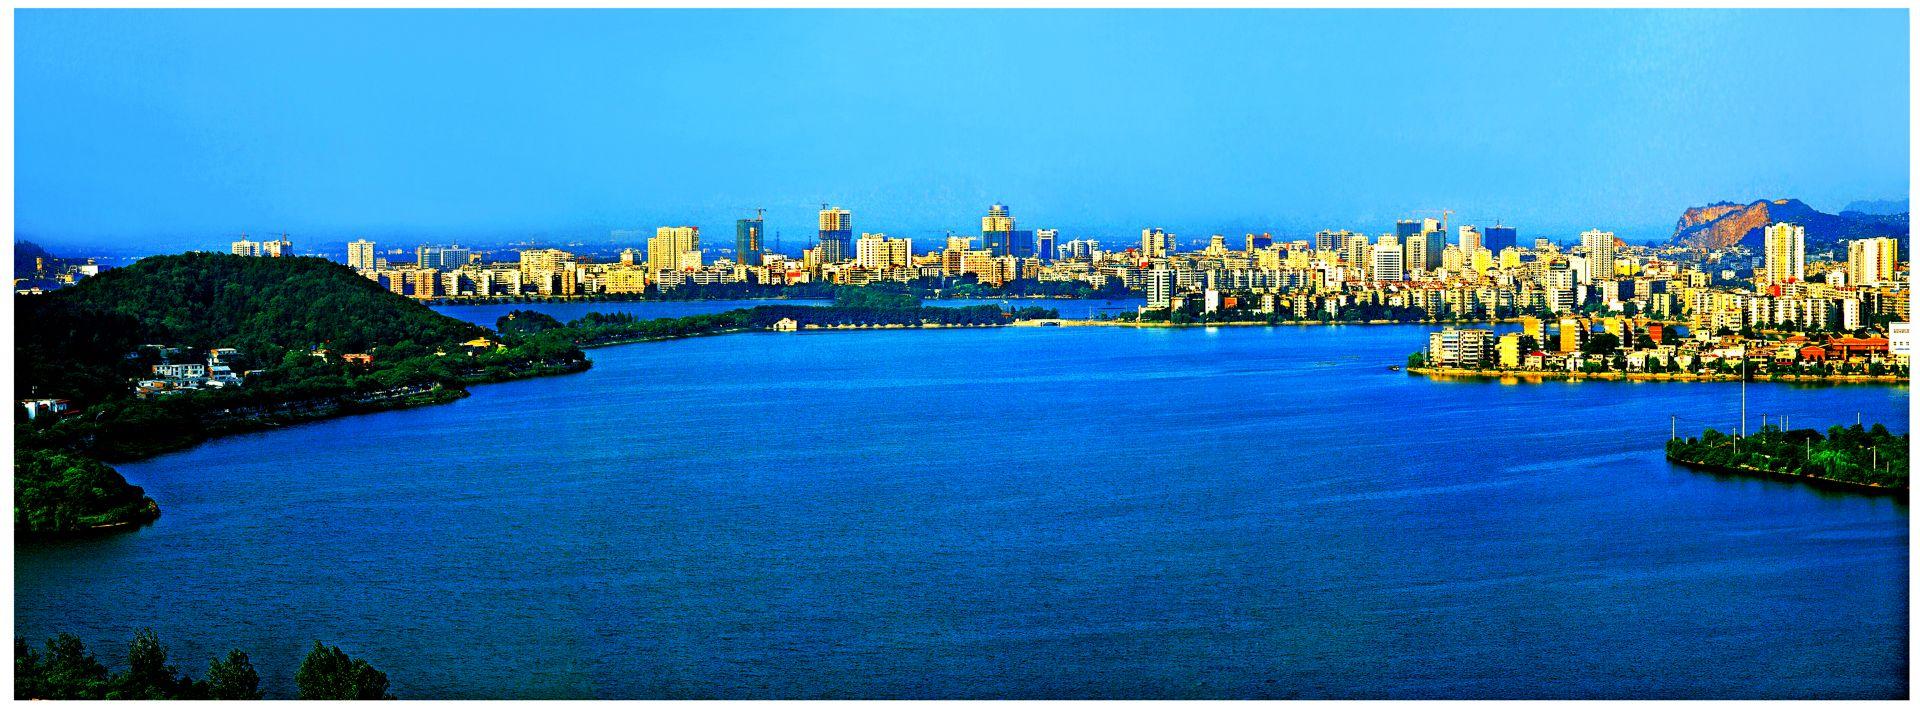 黄石_半城湖